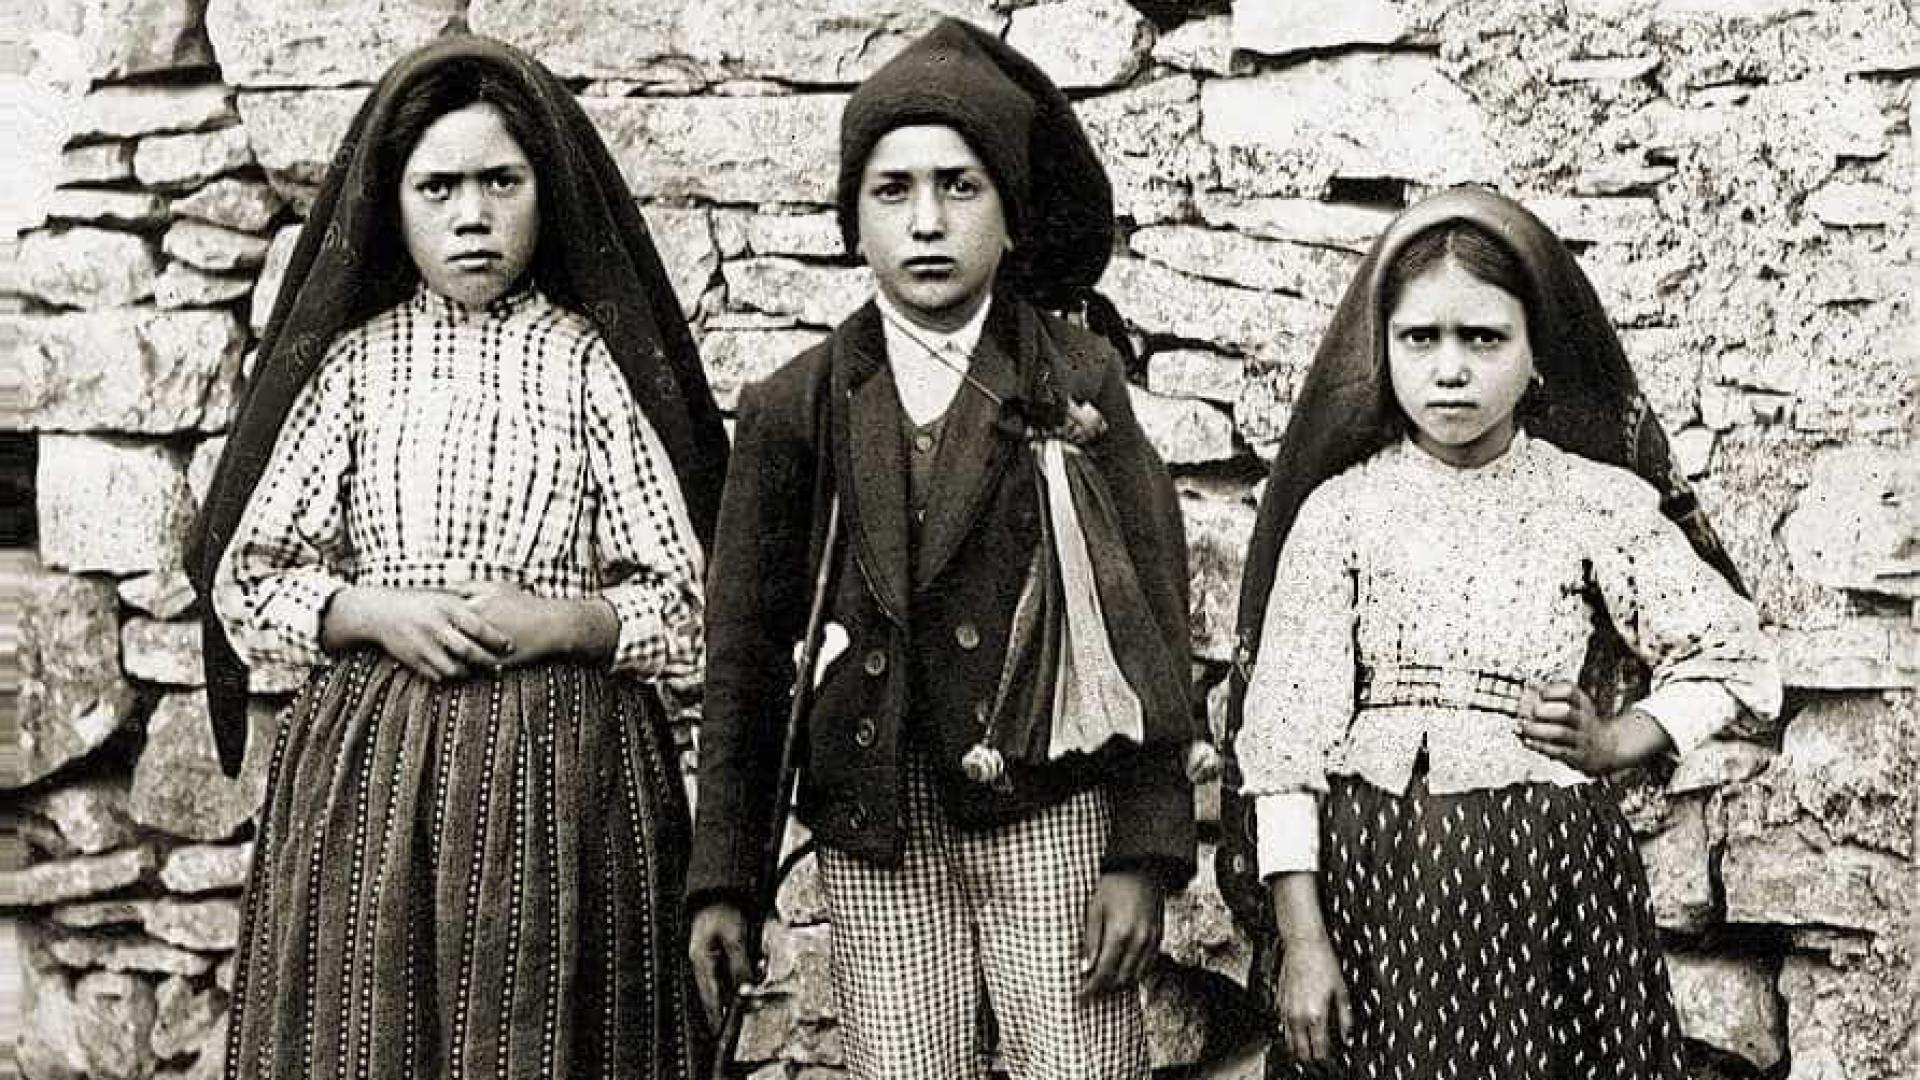 Canonização de Francisco e Jacinta pelo Papa será em Língua Portuguesa